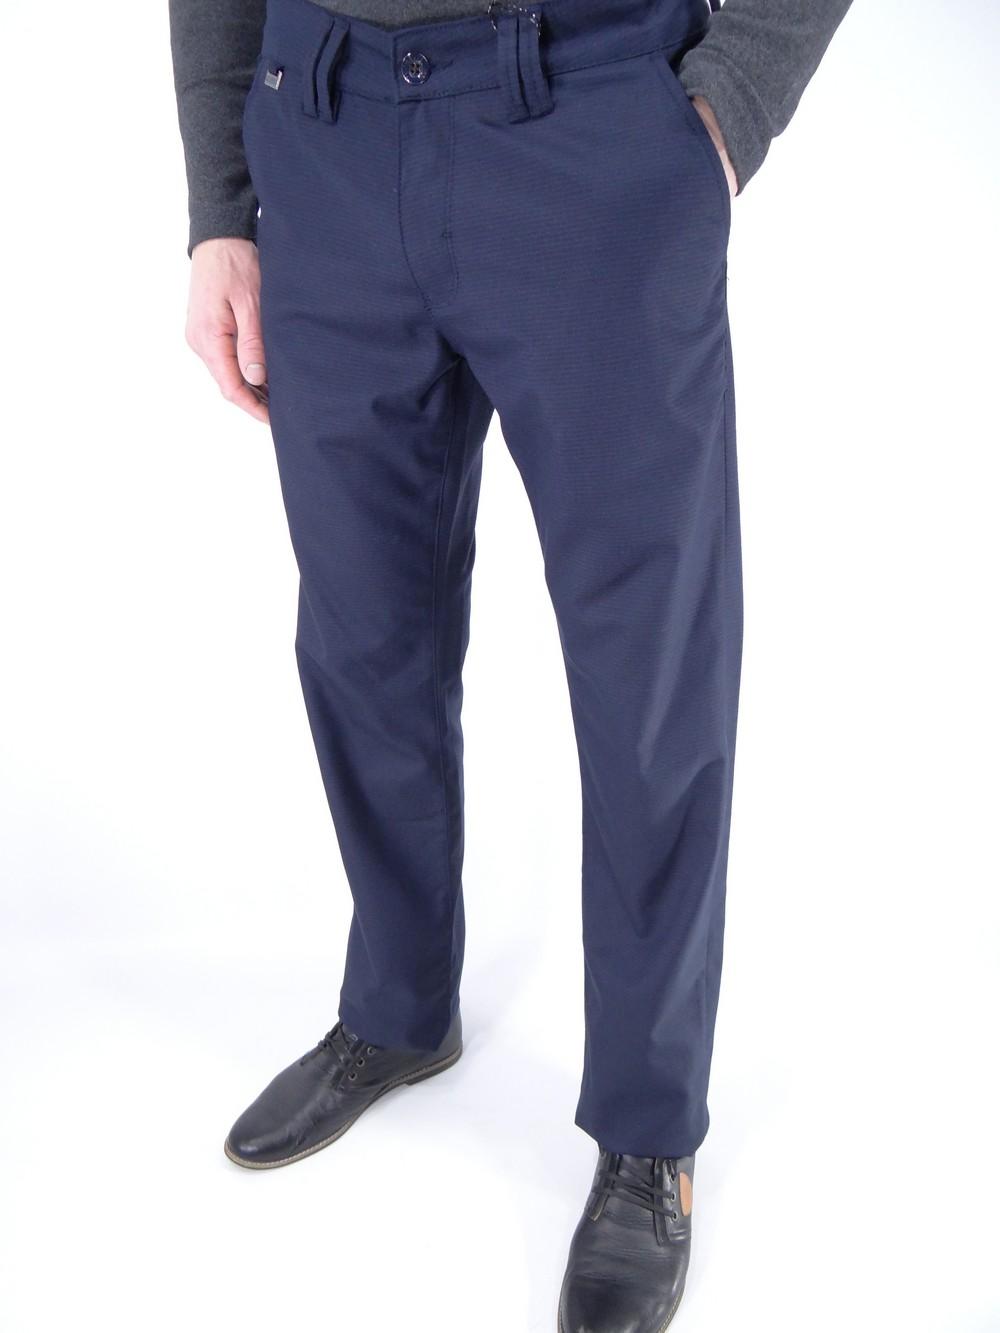 Повседневные брюки Tello jns